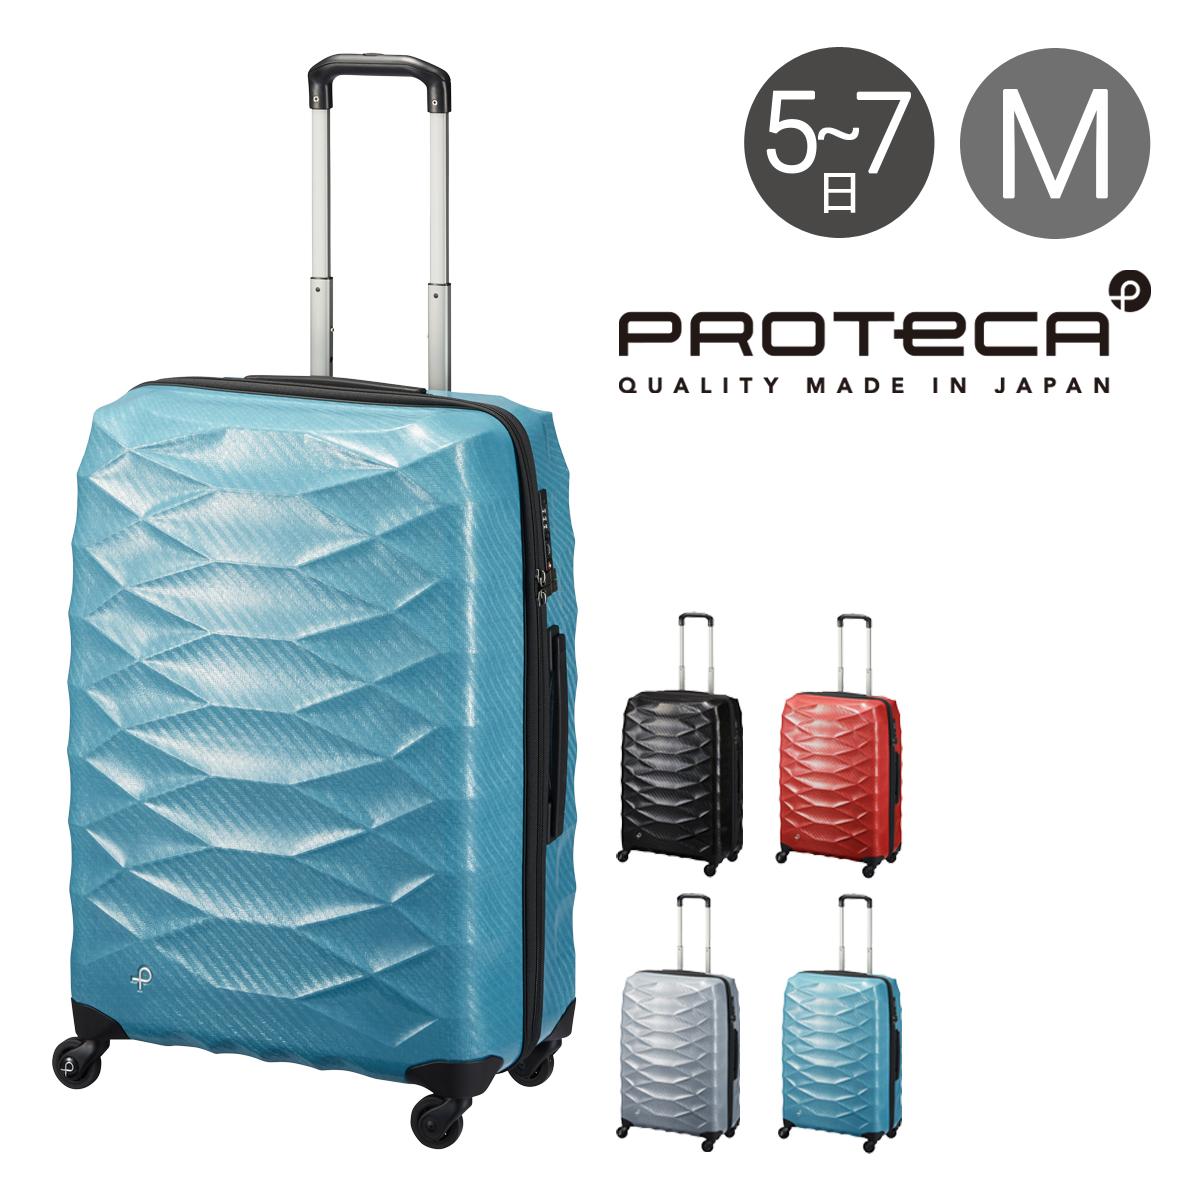 プロテカ スーツケース 74L 63cm 2.4kg エアロフレックスライト 01823 日本製 PROTECA ハード ファスナー キャリーバッグ キャリーケース 軽量 静音 TSAロック搭載 3年保証[PO10][bef]